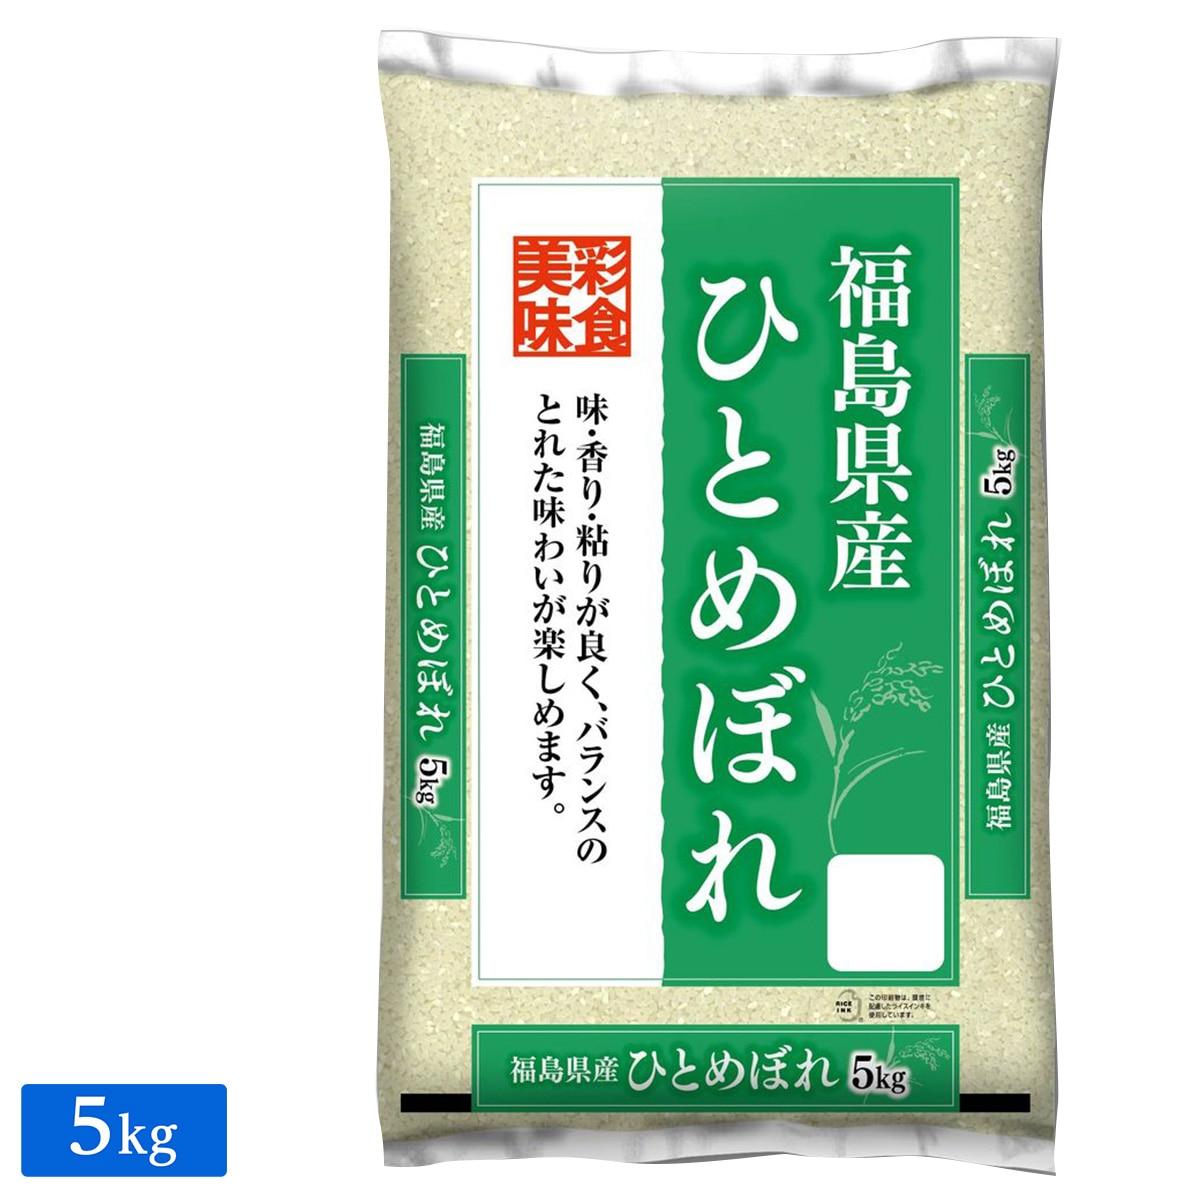 むらせライス ■【精米】令和元年産 福島ひとめぼれ 5kg 21962